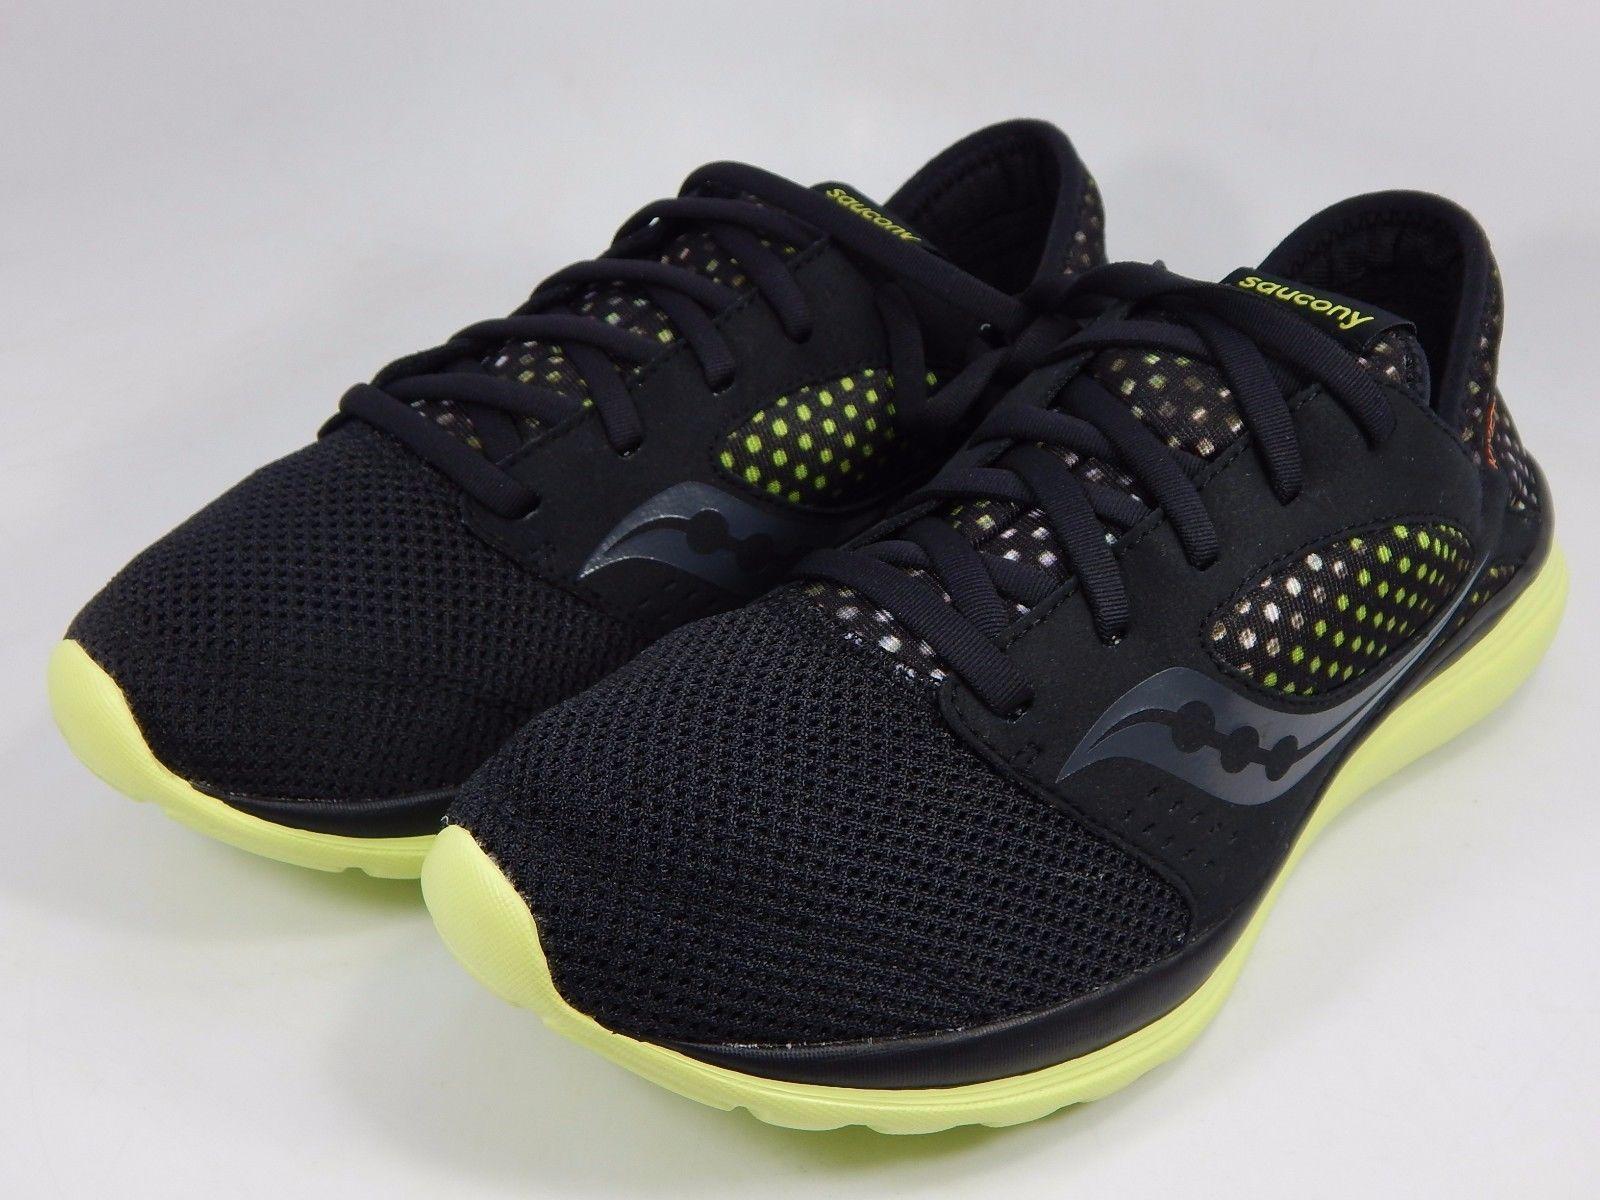 Saucony Kineta Relay LR Men's Running Shoes Sz US 9 M (D) EU 42.5 Black S25285-2